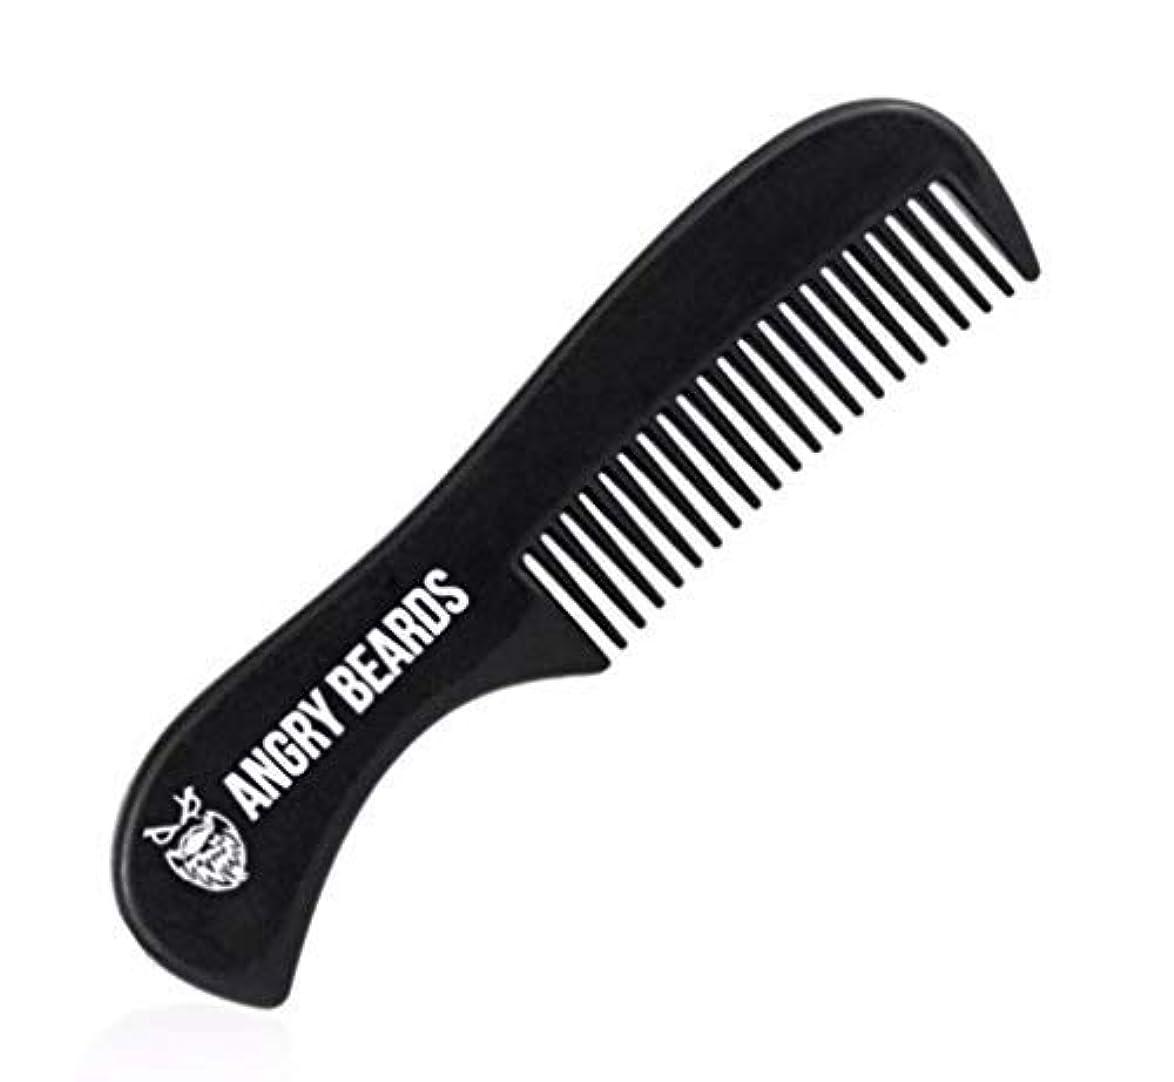 盲目出費ストッキングPocket Beard Comb by Angry Beards 6x3cm Made in Czech Republic / ポケットひげ櫛by怒っているひげ6 x 3 cmチェコ共和国製